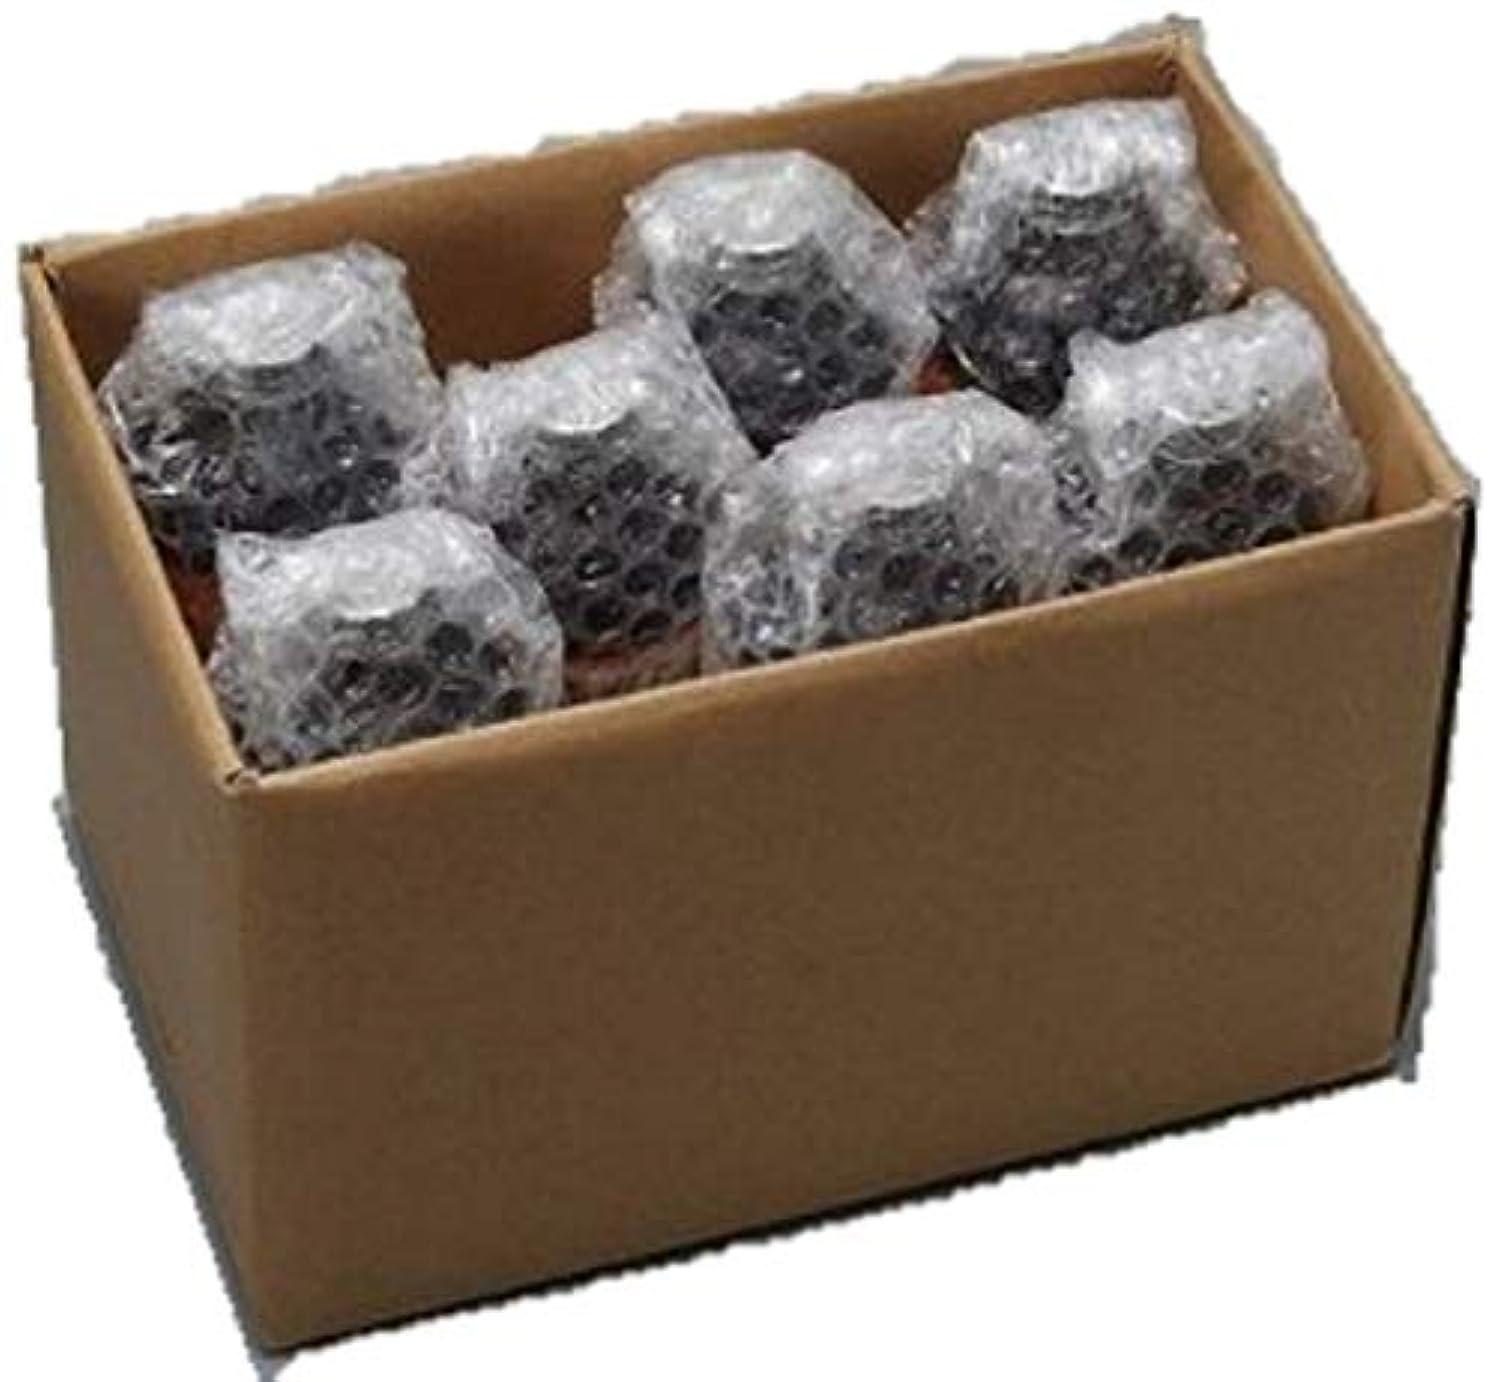 ストリーム葡萄プロポーショナルクール冷蔵便/7本セット/「亜麻仁油(フローラ社製)」(必須脂肪酸オメガ-3の補給源)